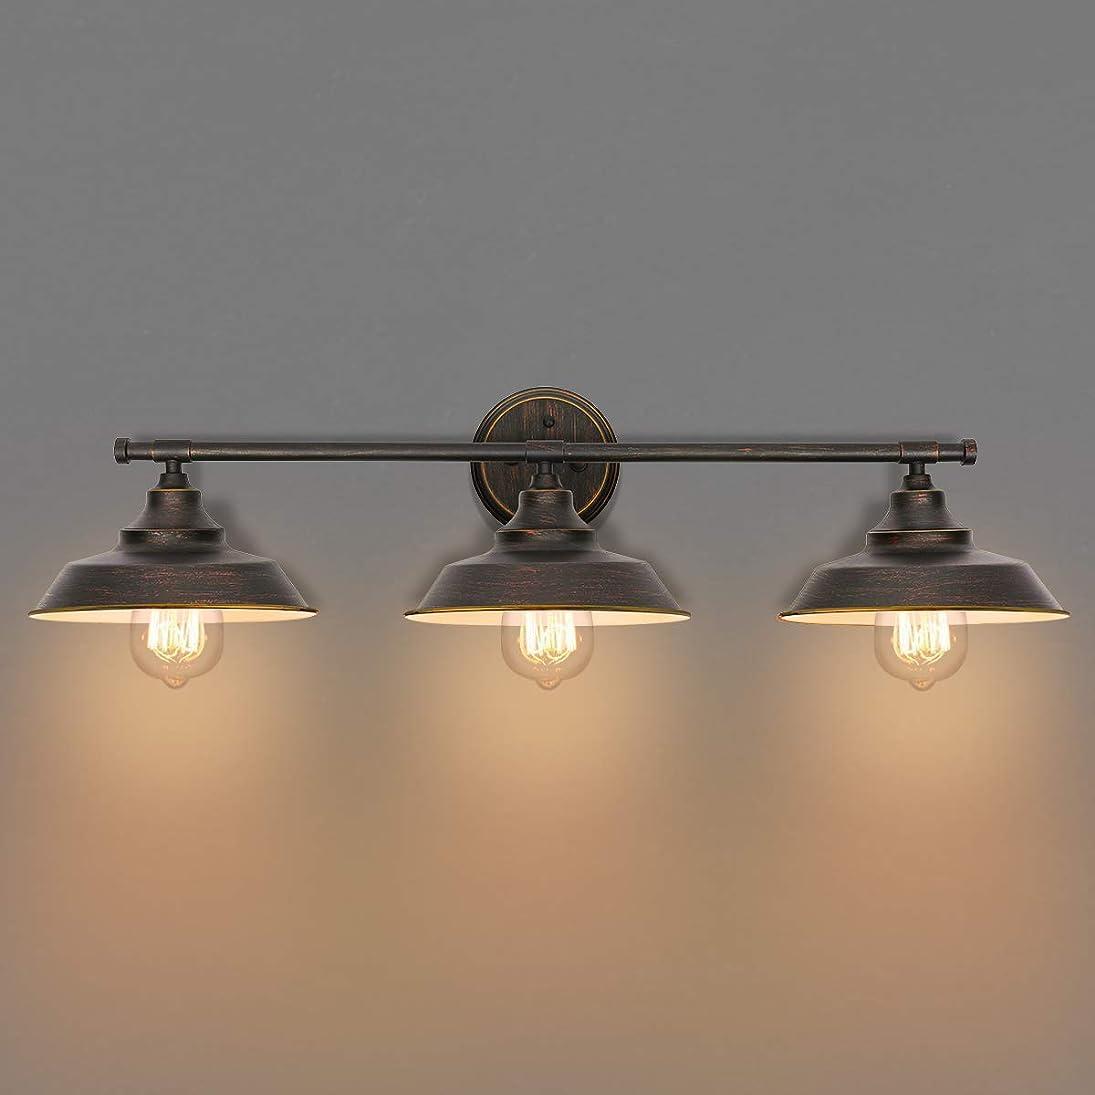 学ぶハッチソートKingSo バスルーム 化粧台ライト 3ライト 壁取り付け用燭台 インダストリアル 屋内 壁取り付け ランプ シェード バスルーム キッチン リビングルーム ワークショップ カフェ